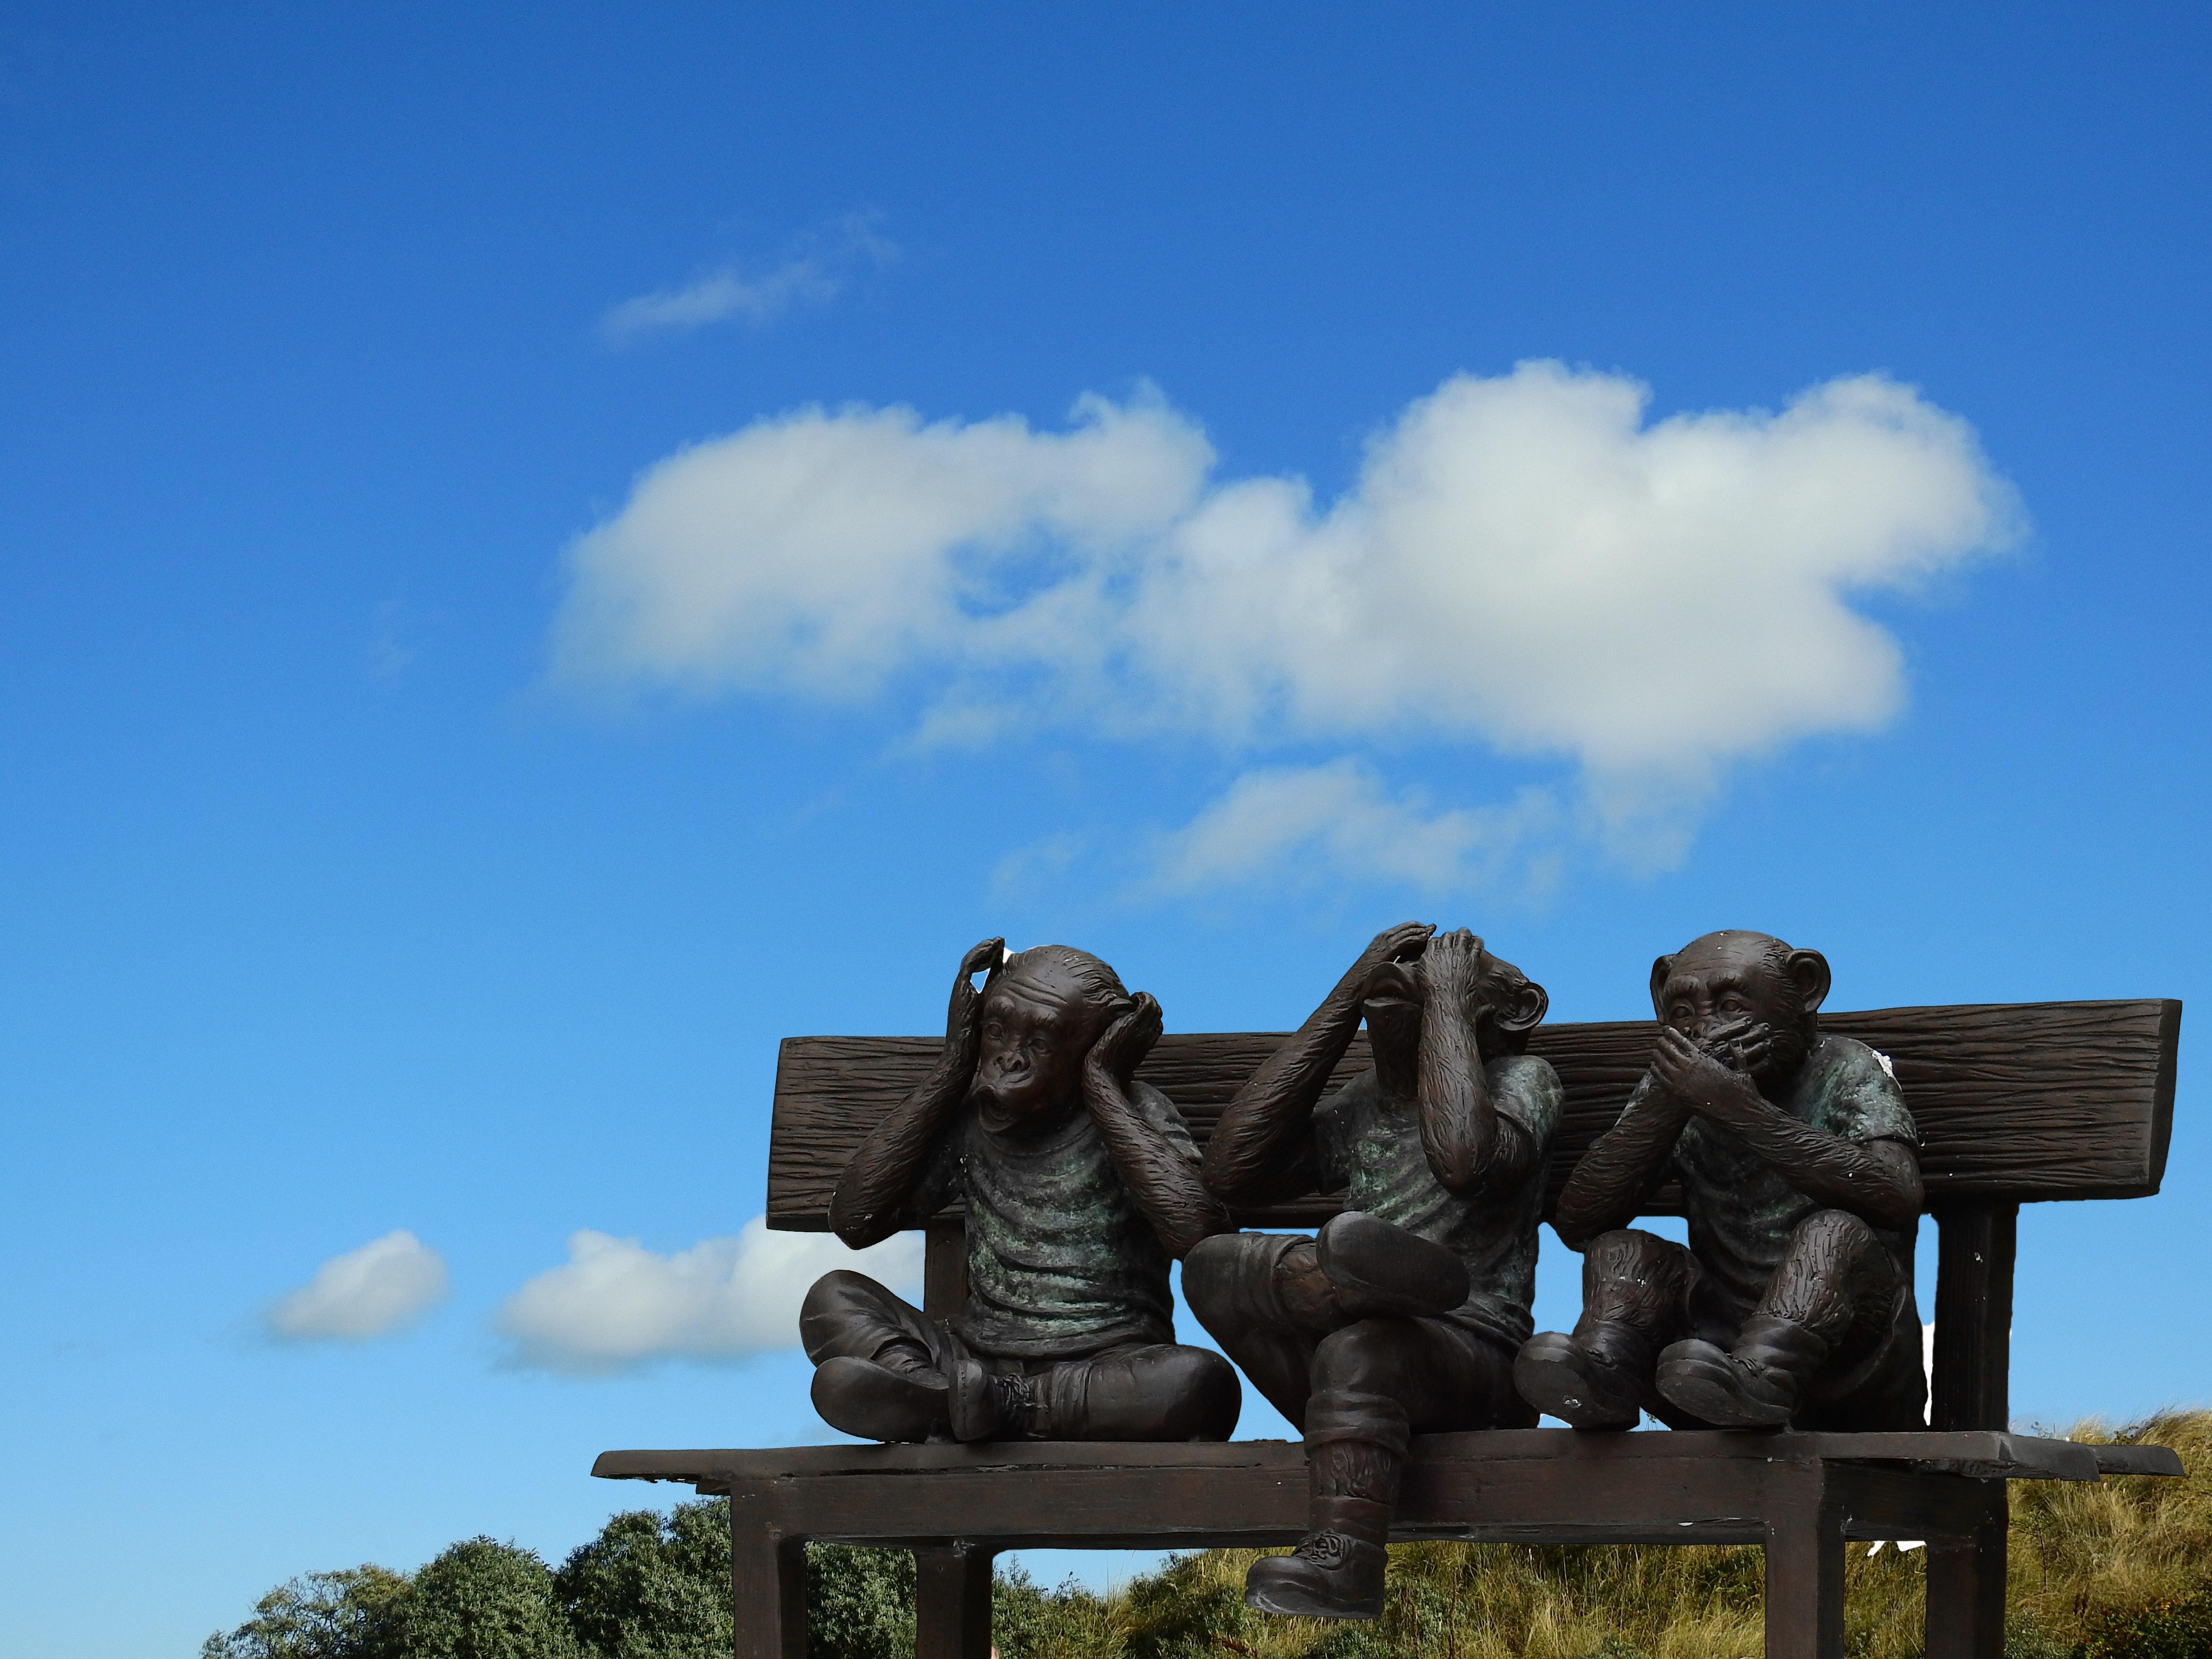 architecture-art-artwork-bench-206784.jpg